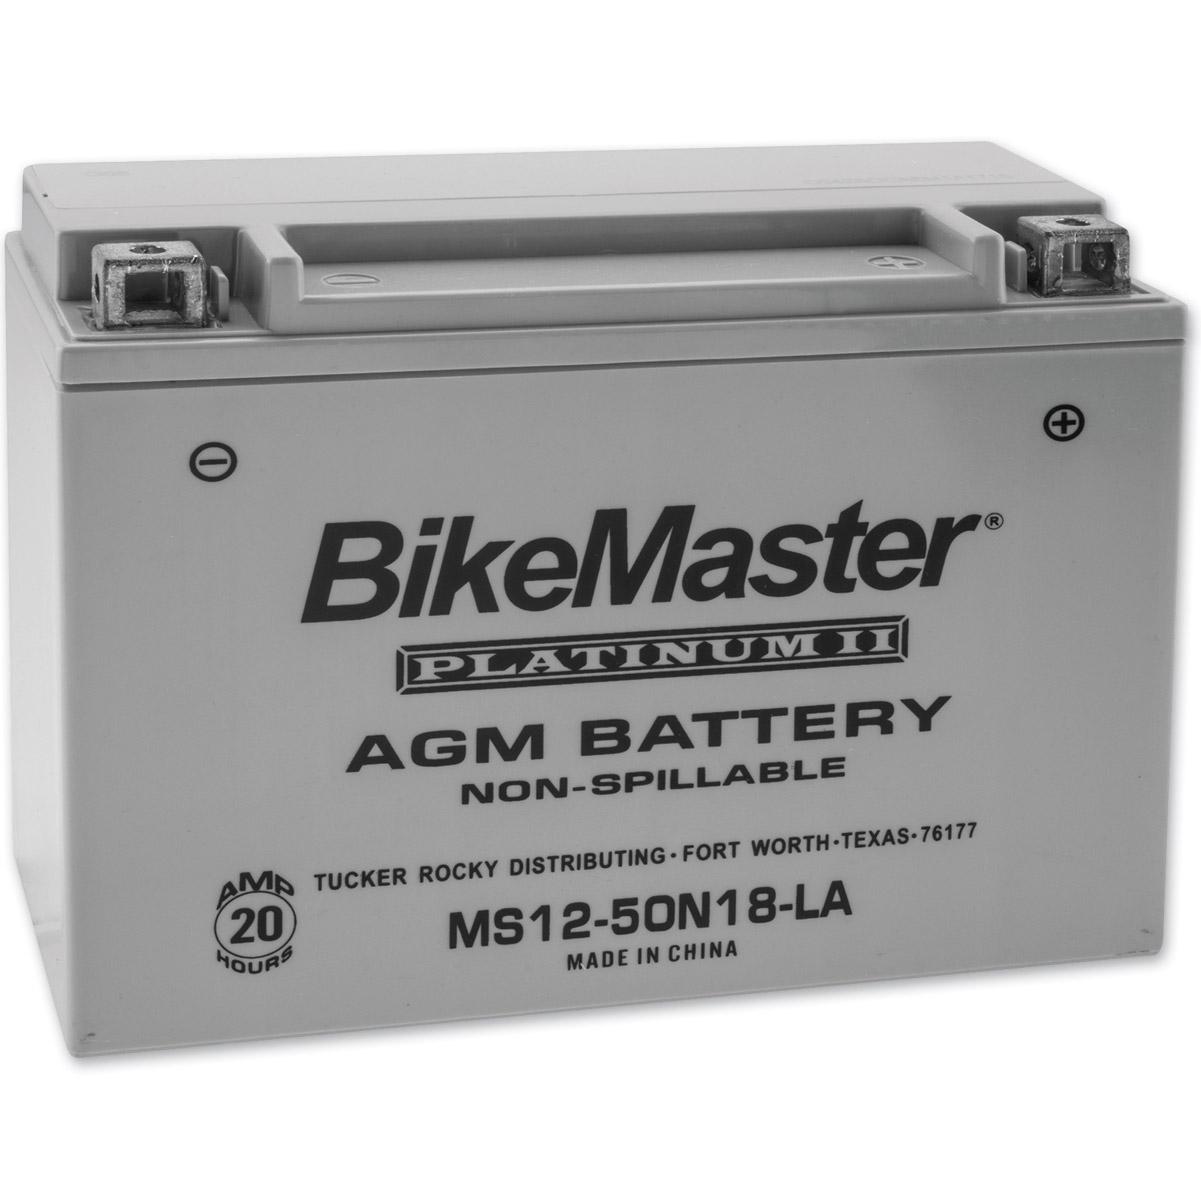 BikeMaster AGM Platinum II Battery